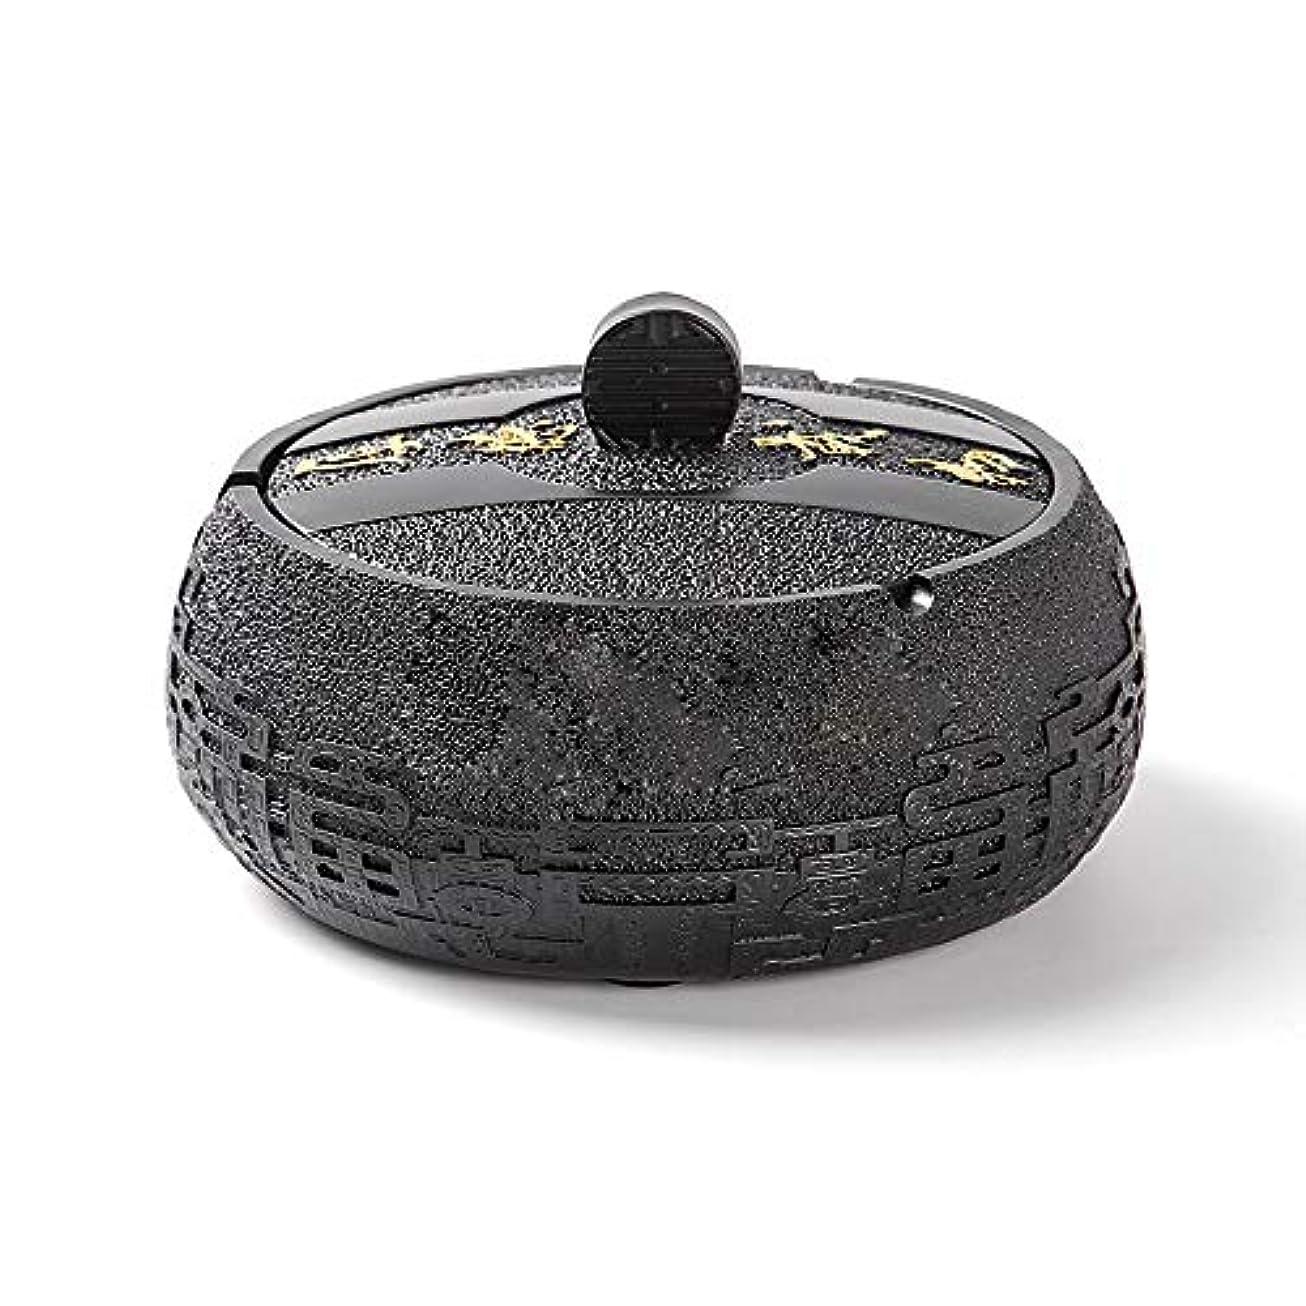 落ち着いて見る臭いタバコ、ギフトおよび総本店の装飾のための円形の光沢のある環境に優しい樹脂の灰皿 (色 : 黒)